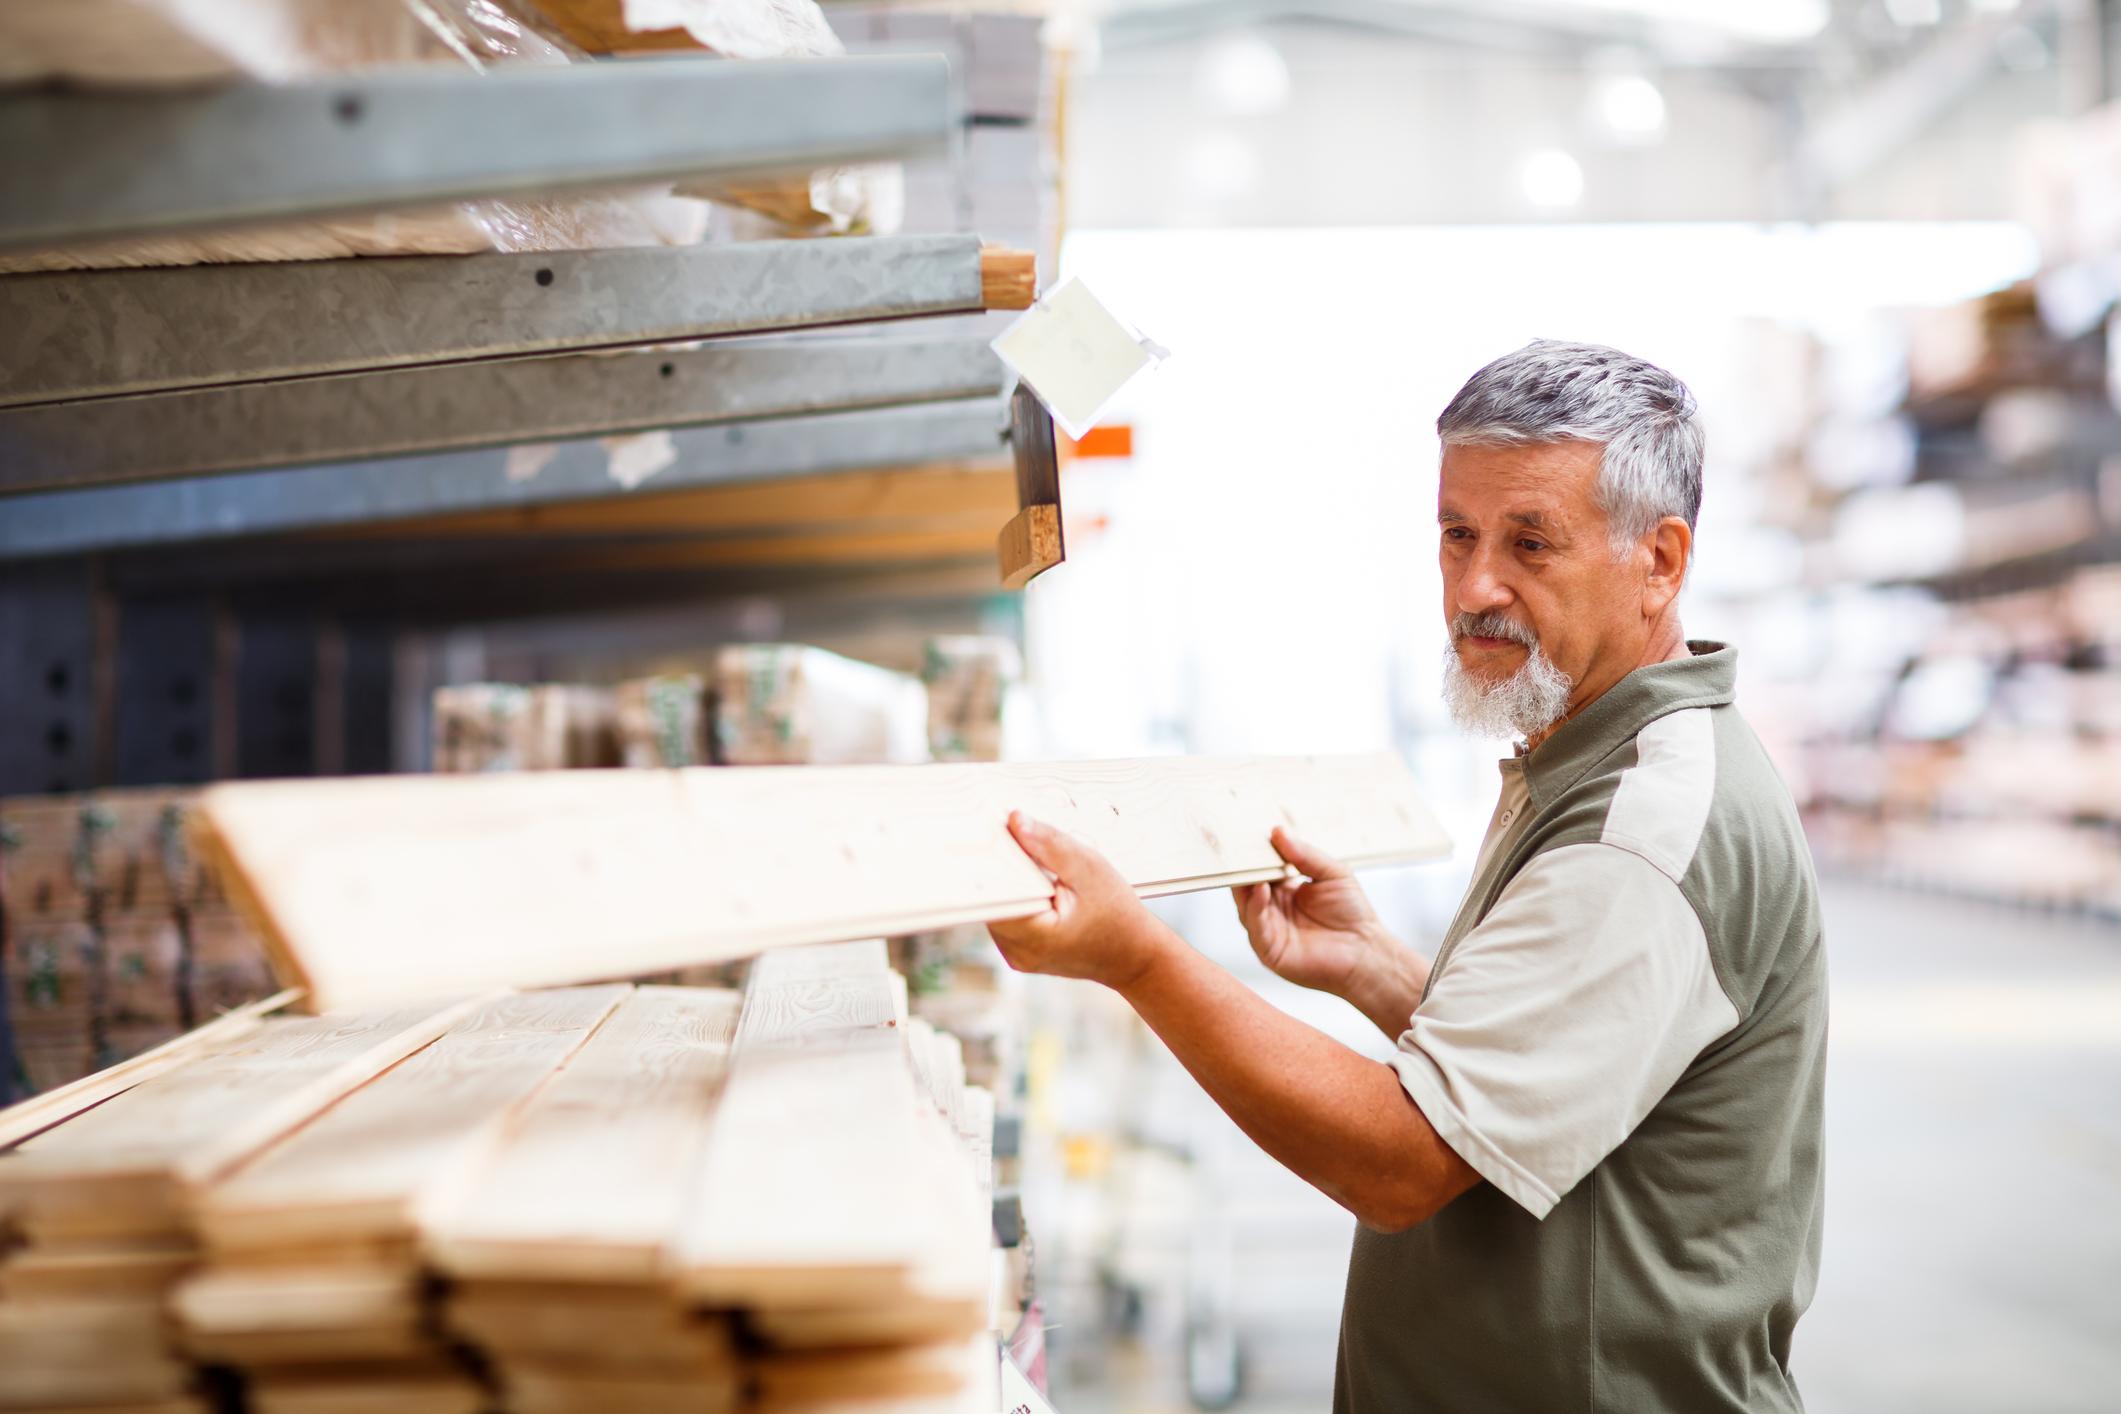 Home Depot Executives Break Down a